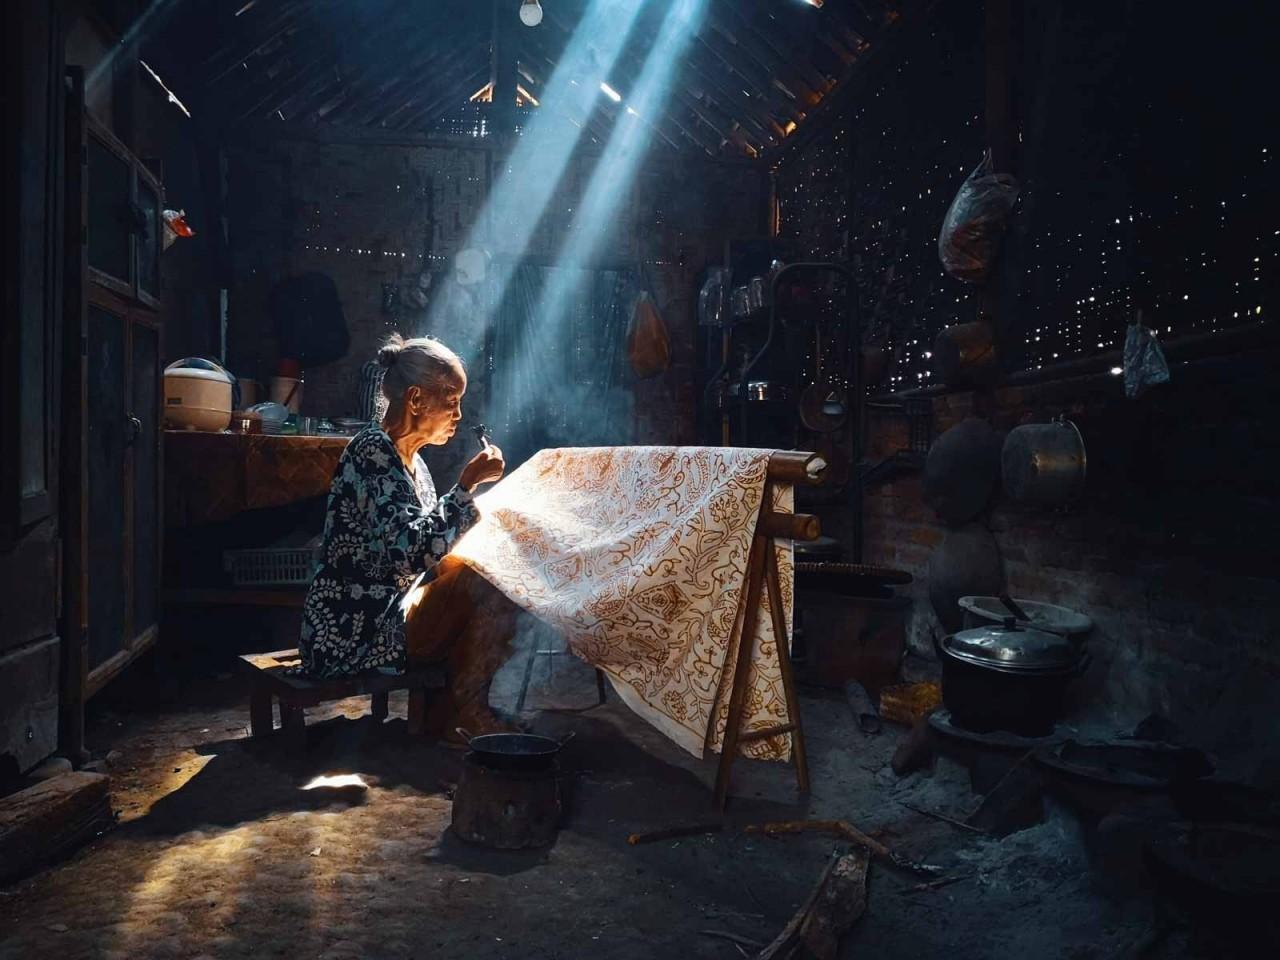 Категория «Мобильный фотограф». Роспись батик в Джокьякарте, Индонезия. Автор Бимо Прадитьо